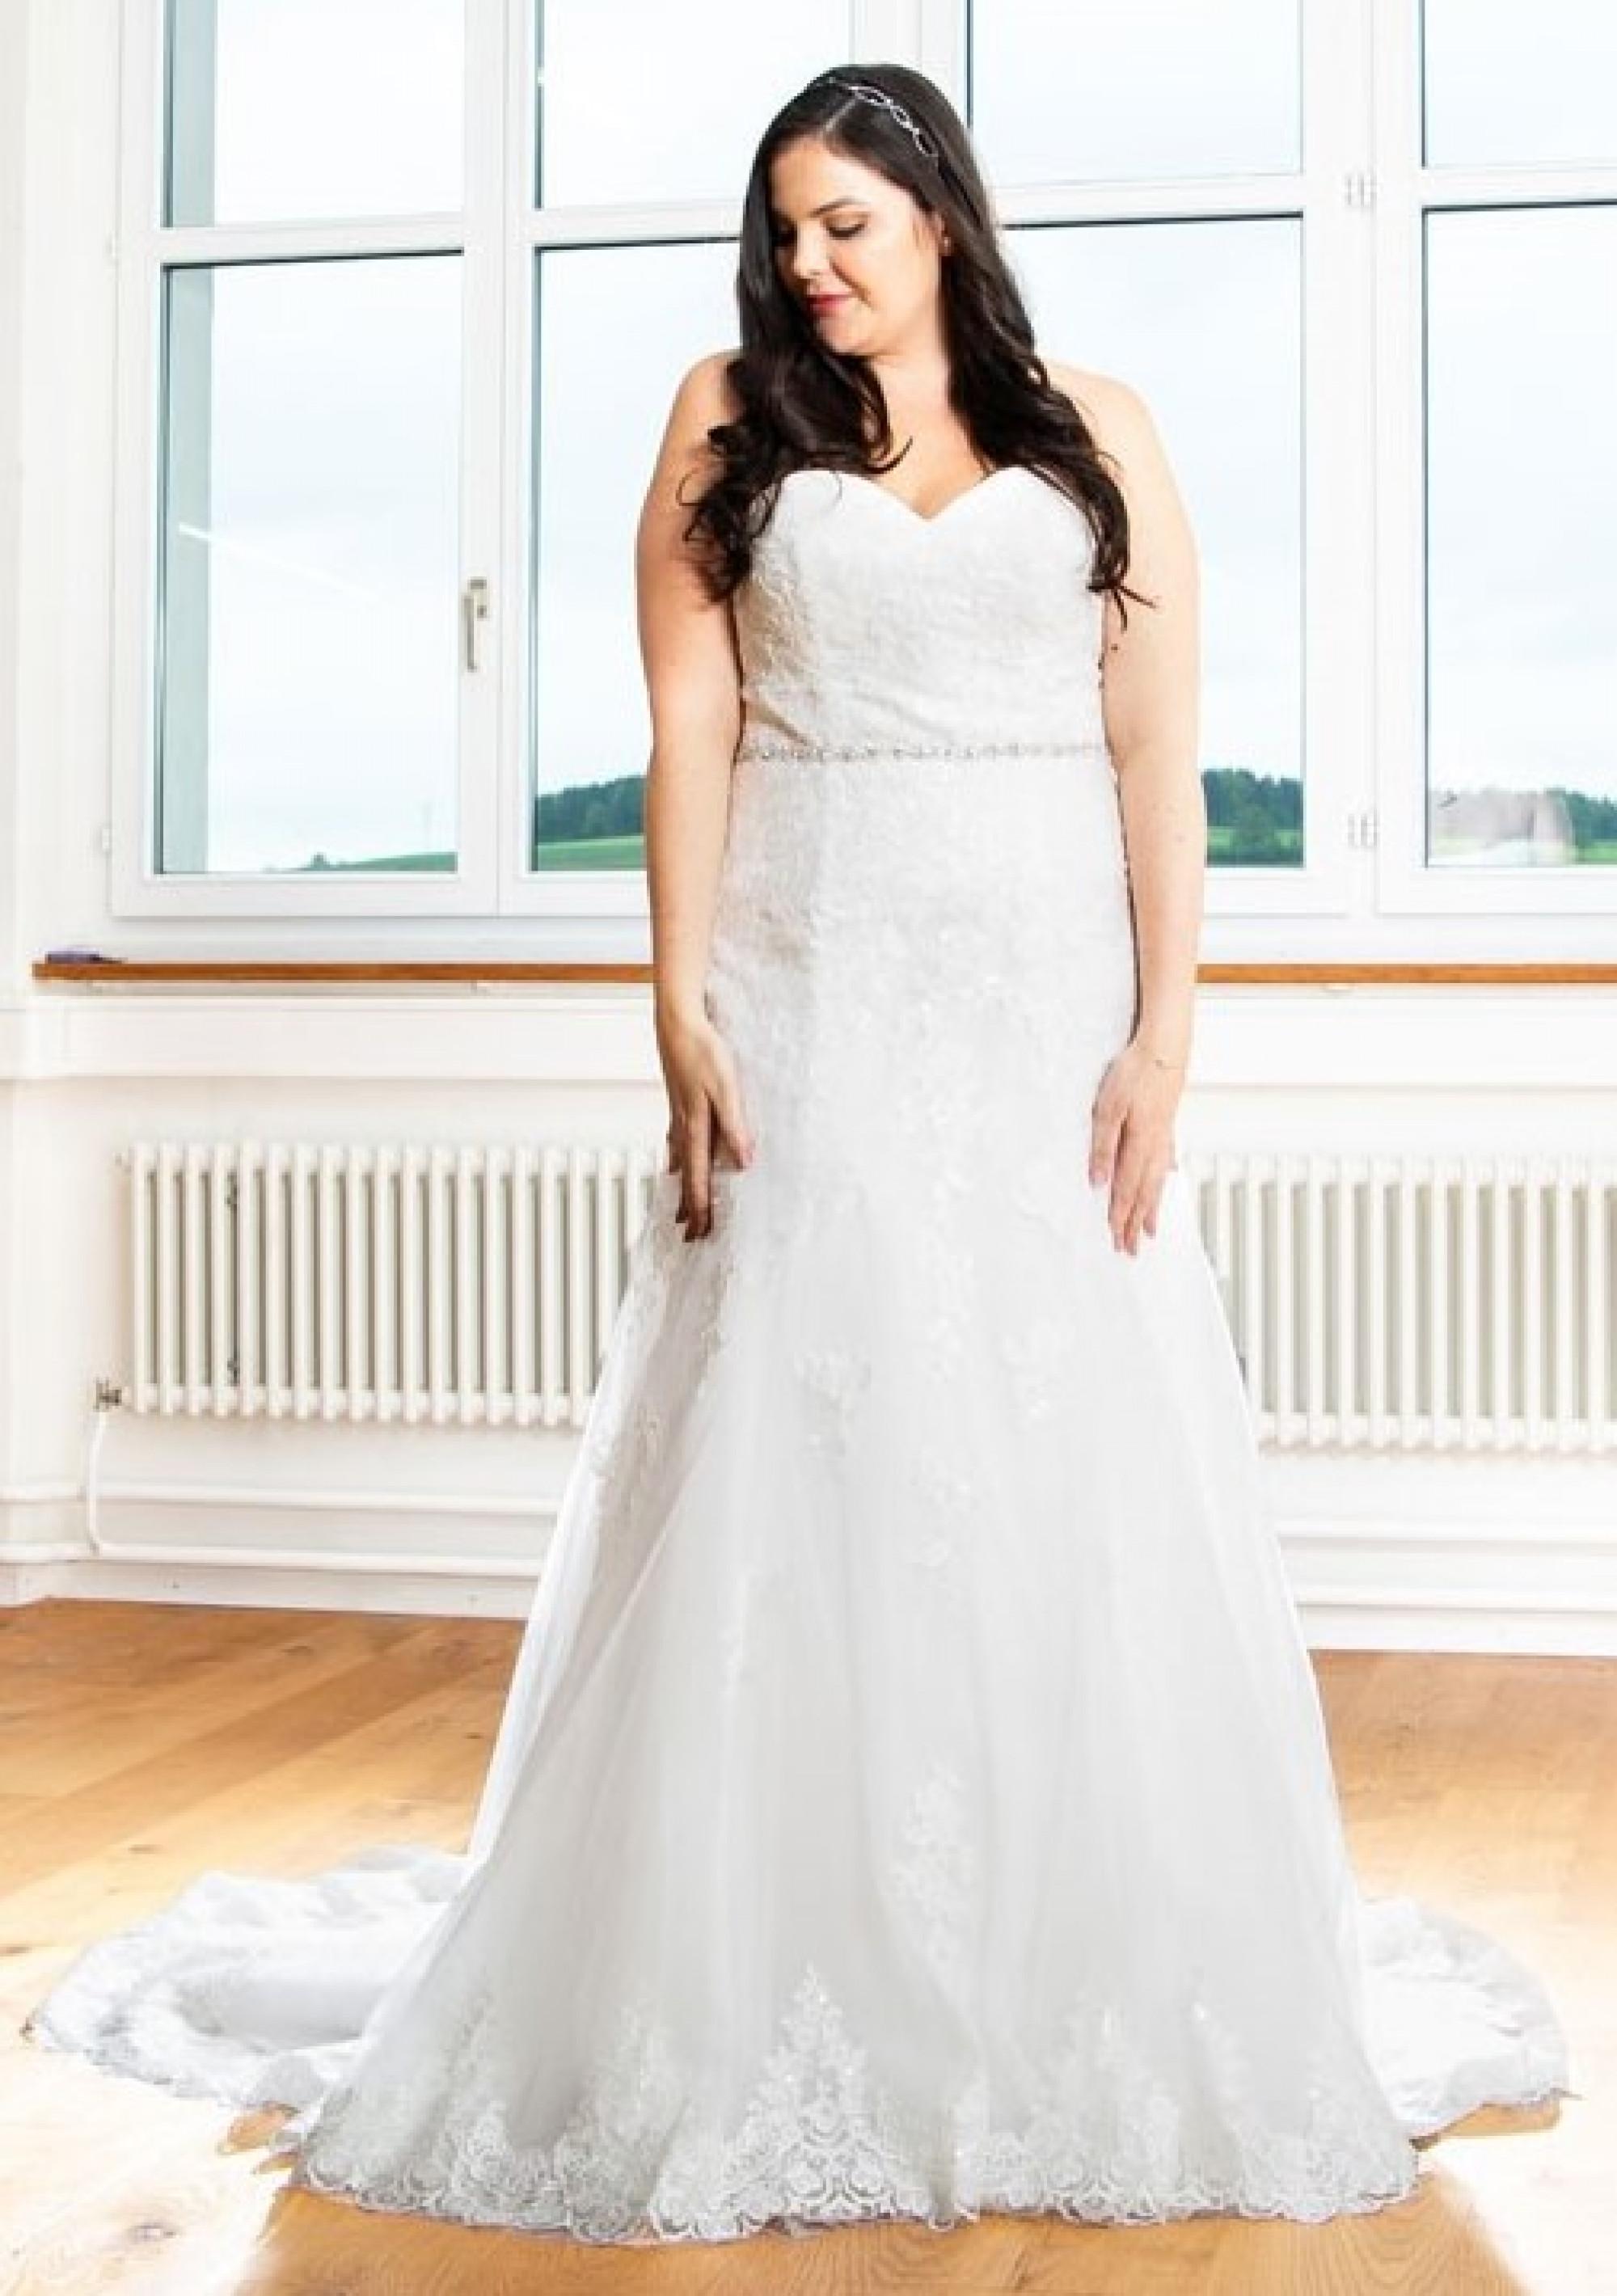 Curvy Brides Bridal Fashion For Curvy Woman